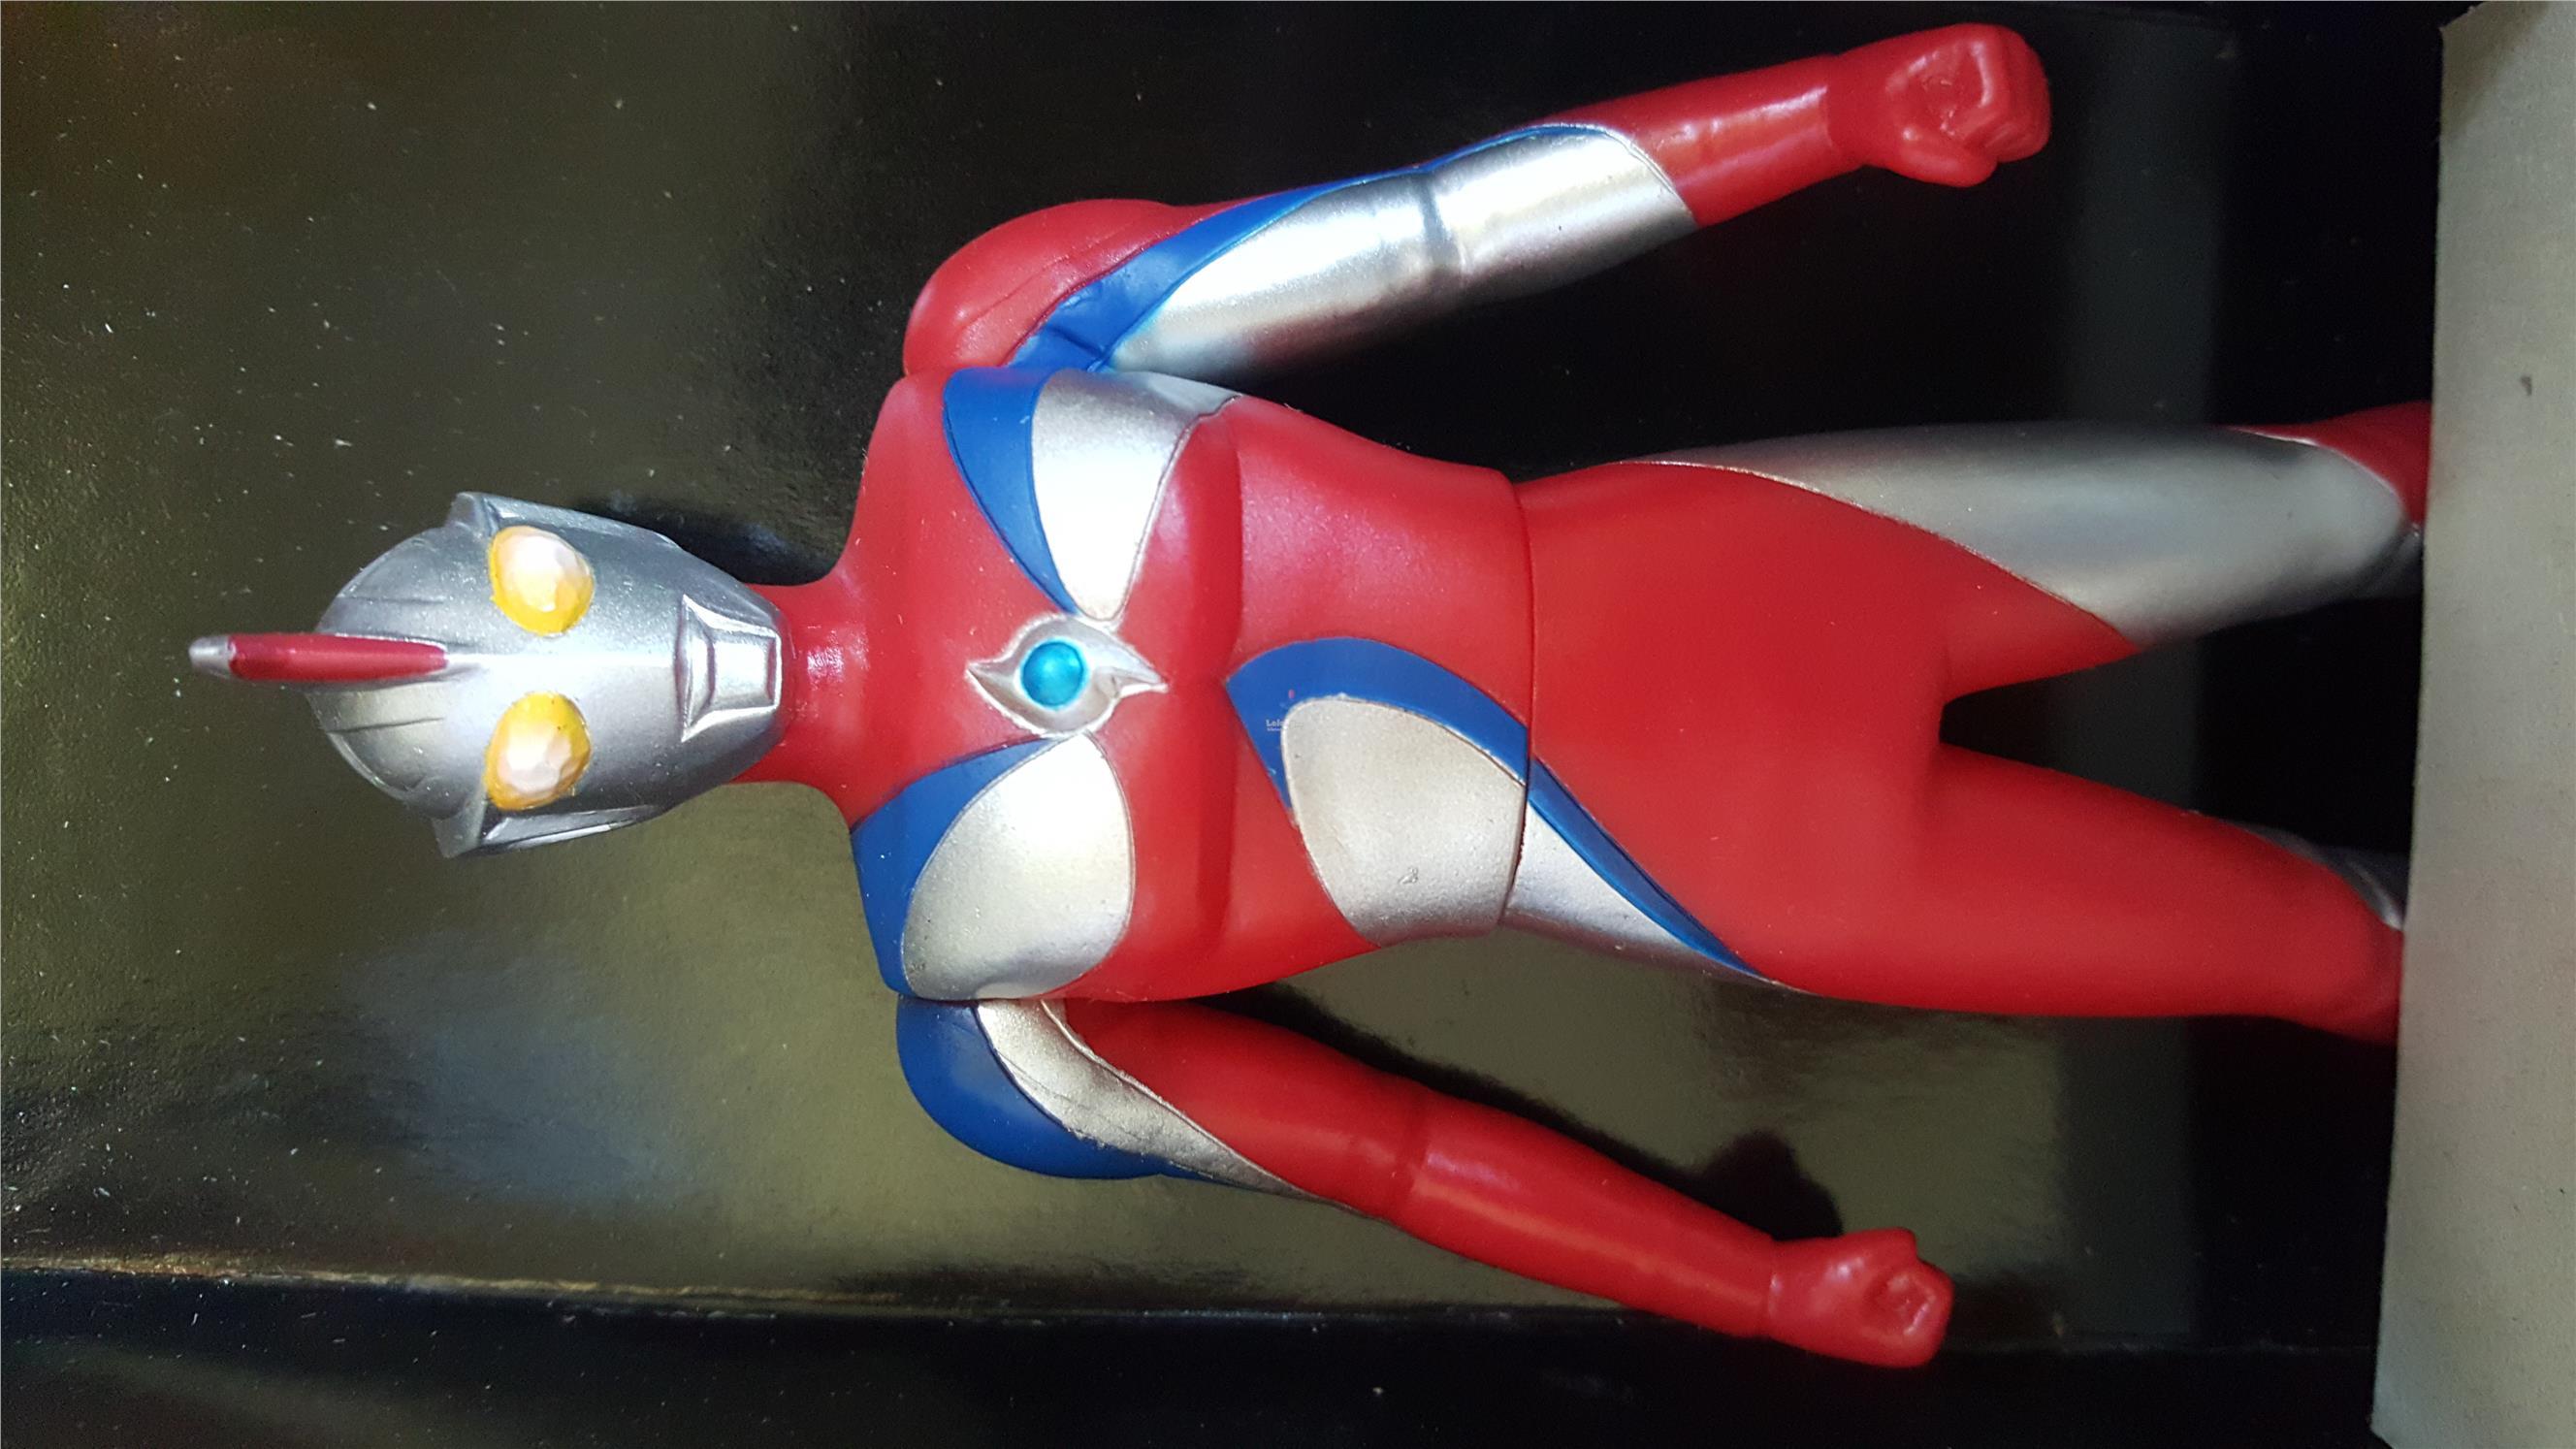 Ultraman Cosmos Corona Mode Bandai Ultraman Cosmos...